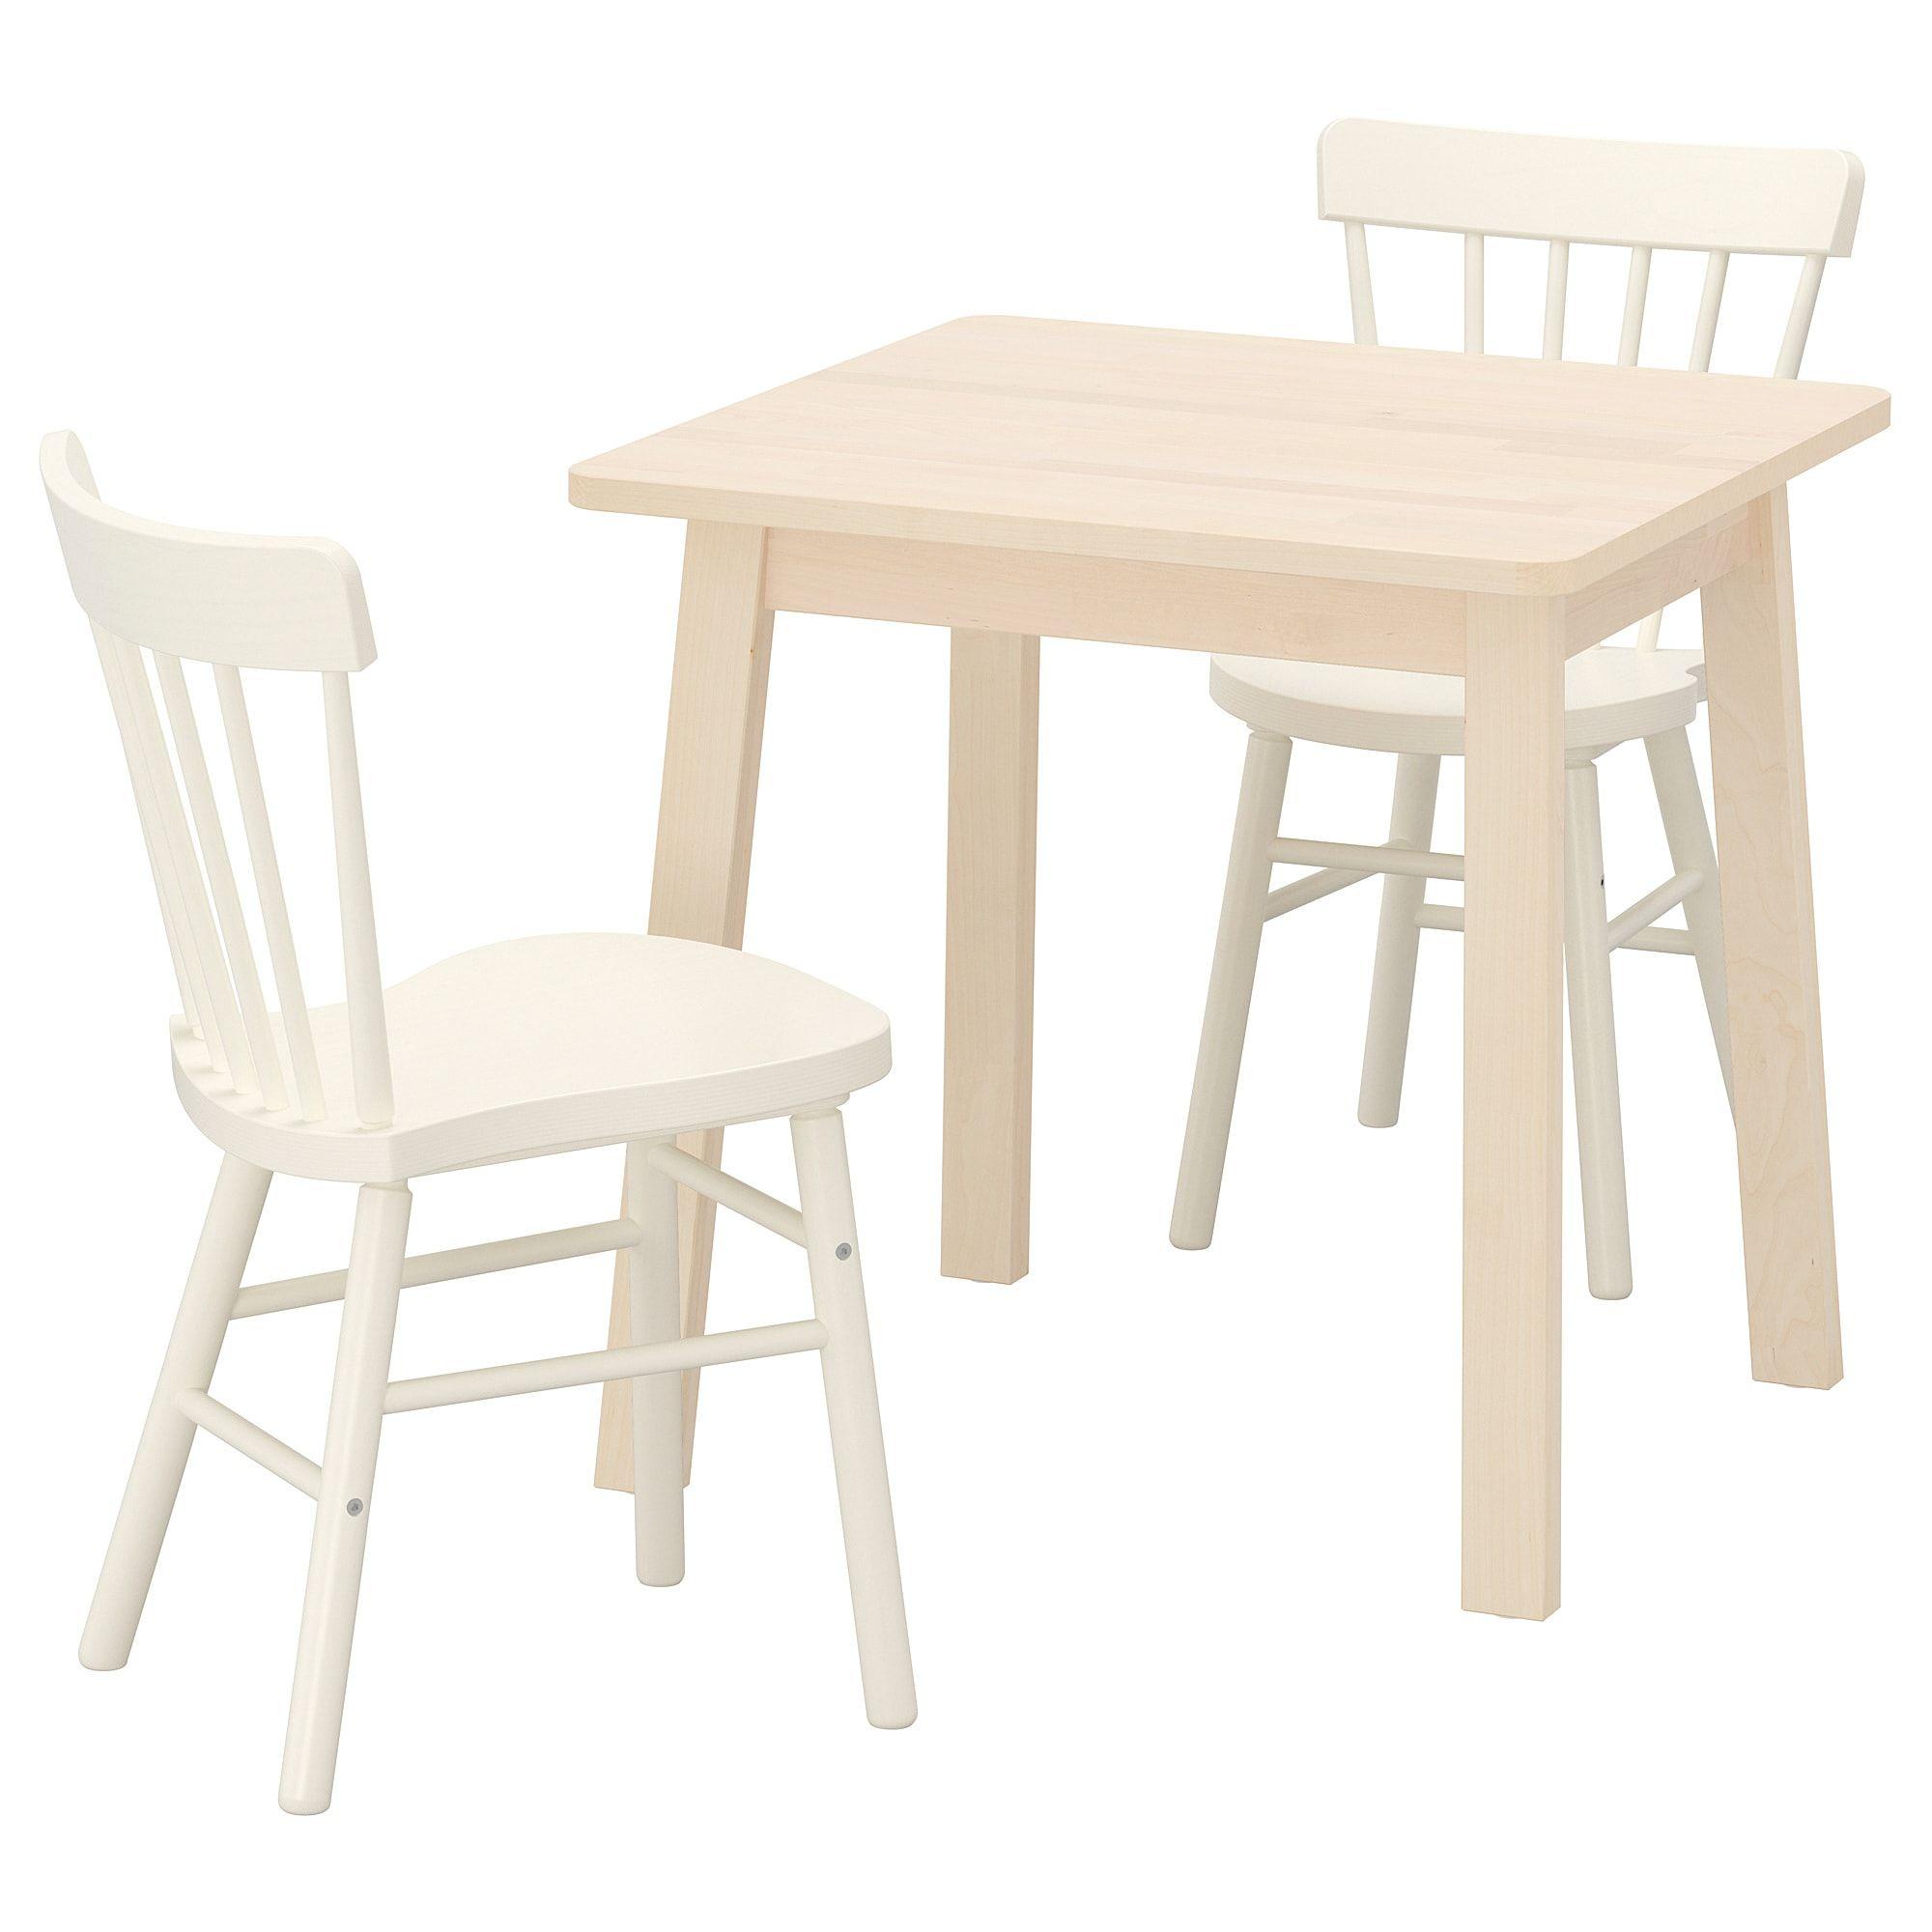 Norraker Norraryd Tisch Und 2 Stuhle Birke Weiss Ikea